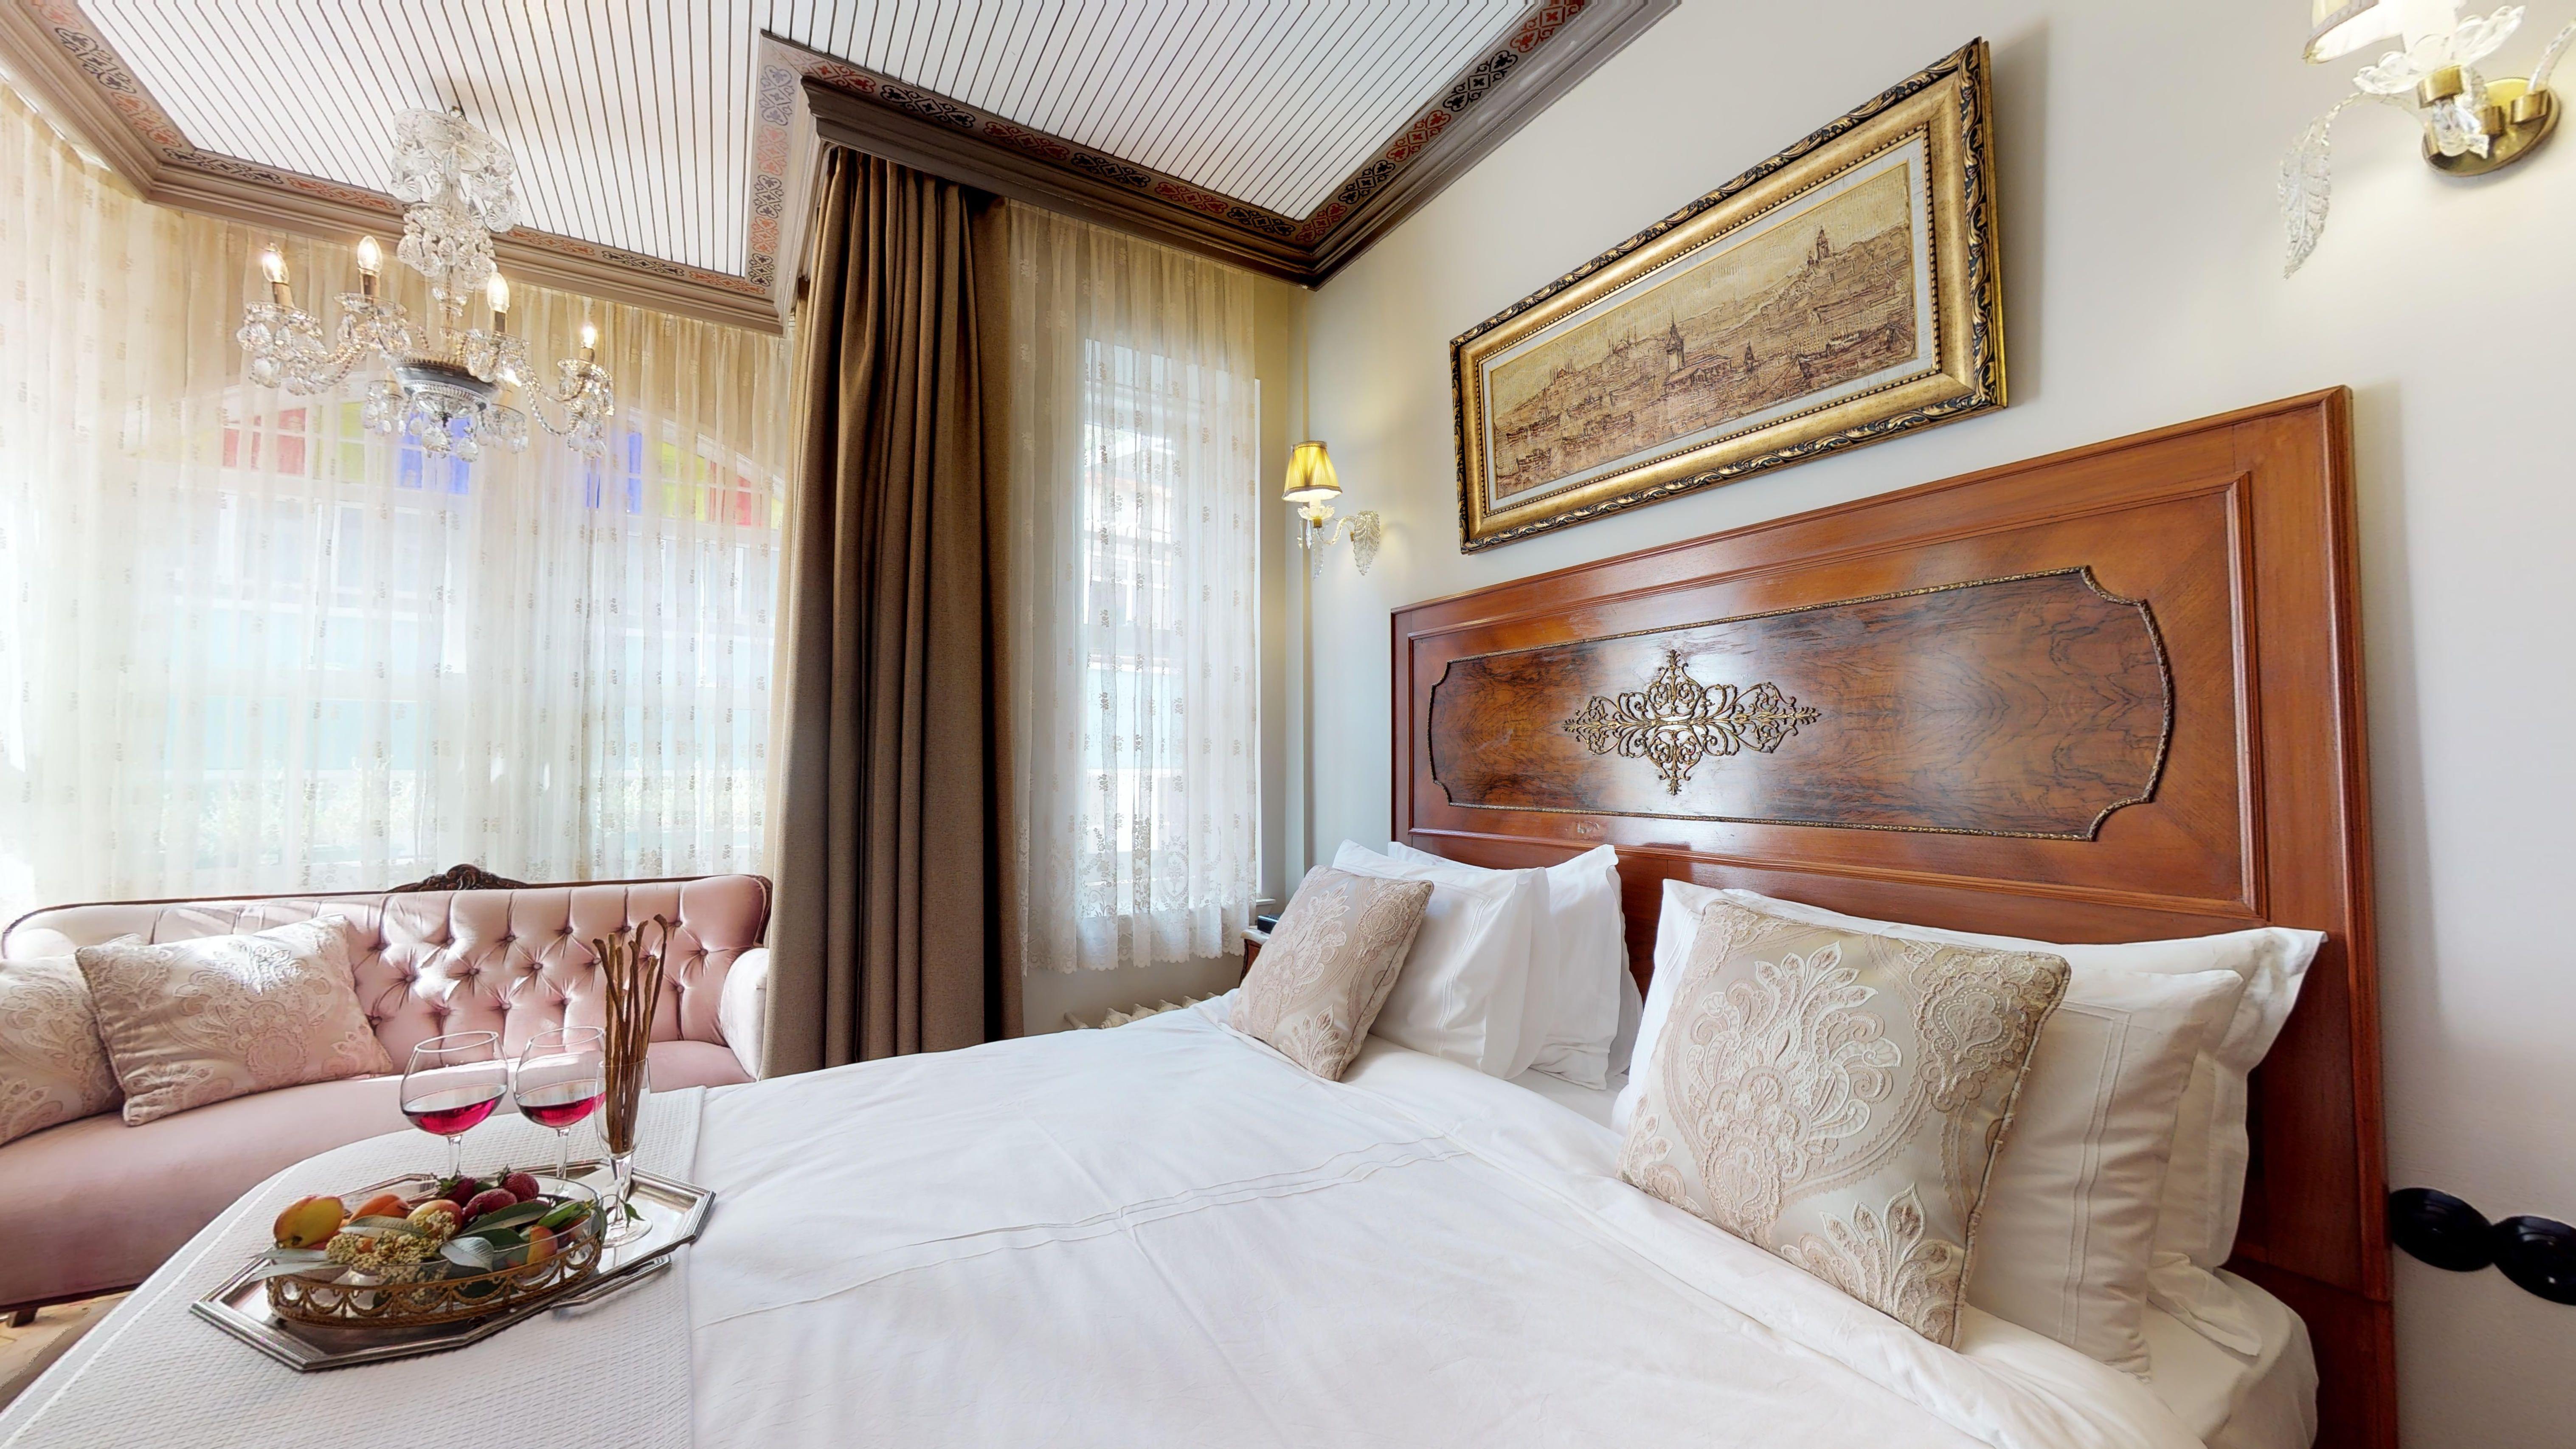 FAIK-PASHA-Apartments-Suit-05232019_192505